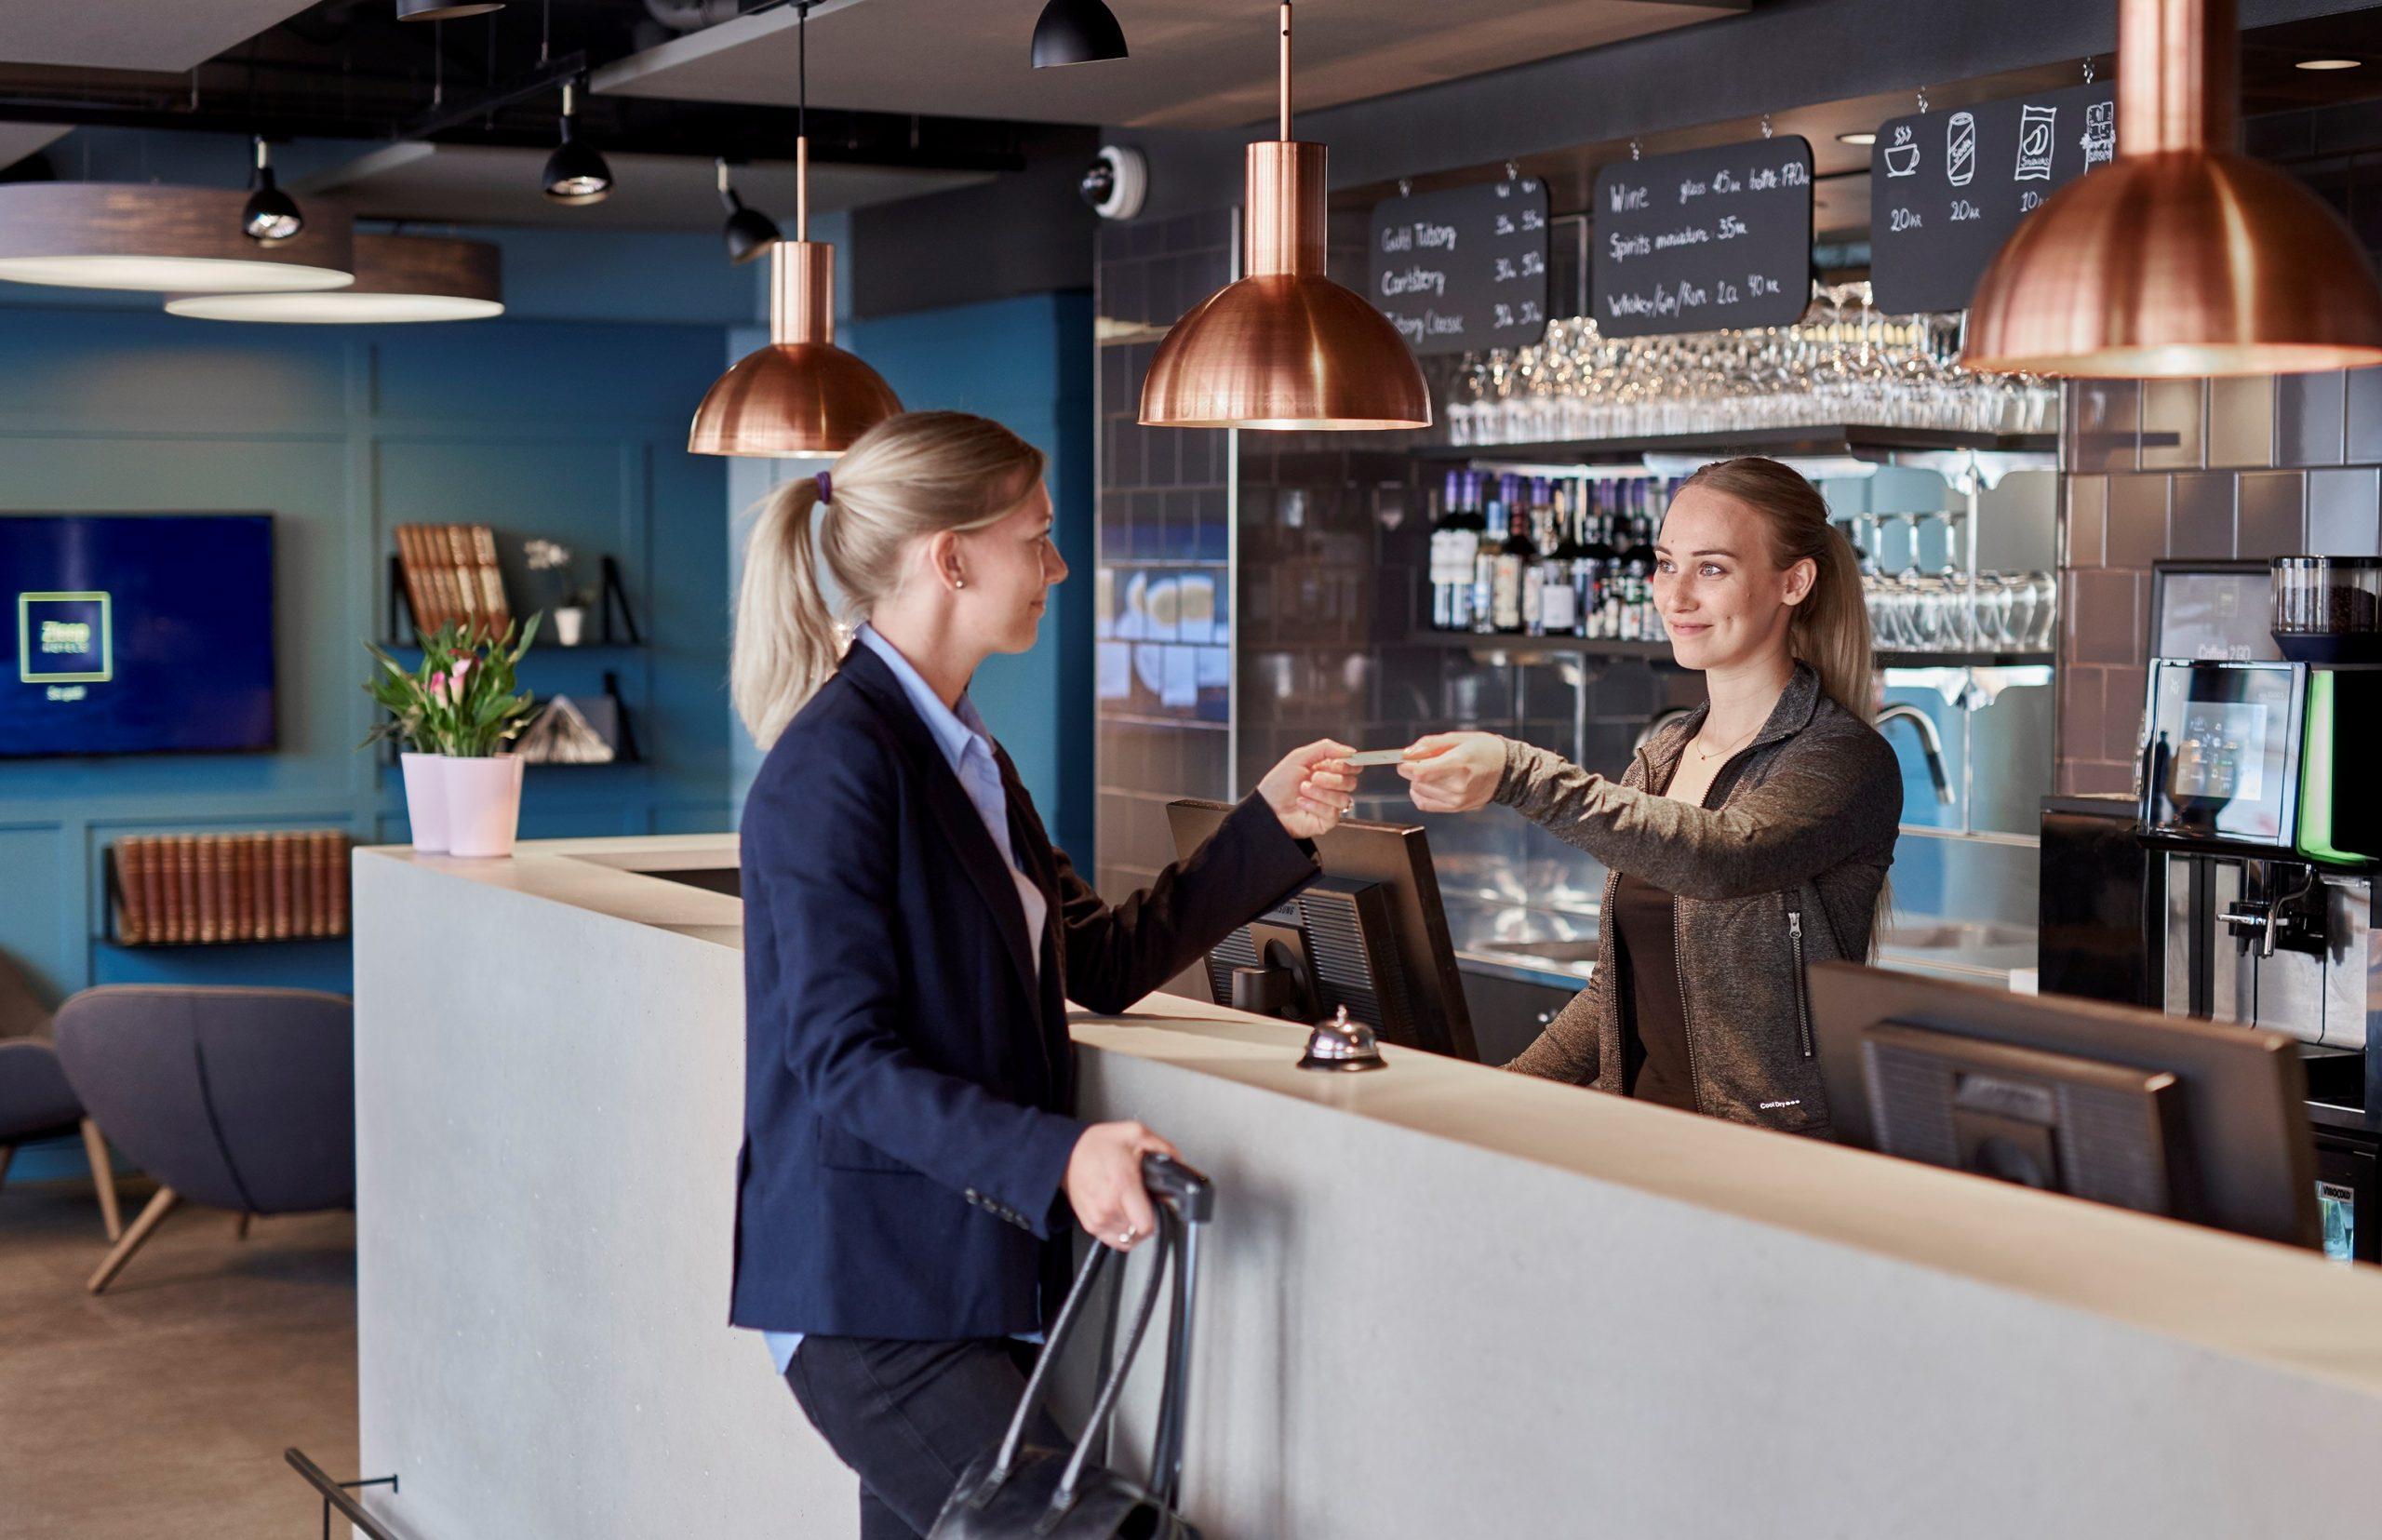 Dansk turisme er glad for at regeringen nu genåbner turismen til det meste af Europa – men Danmark slås stadig med en ikke helt forståelig regel om, at udenlandske turister skal tvinges til at købe seks overnatninger før de kommer ind i Danmark. Arkivpressefoto fra Zleep Hotels.